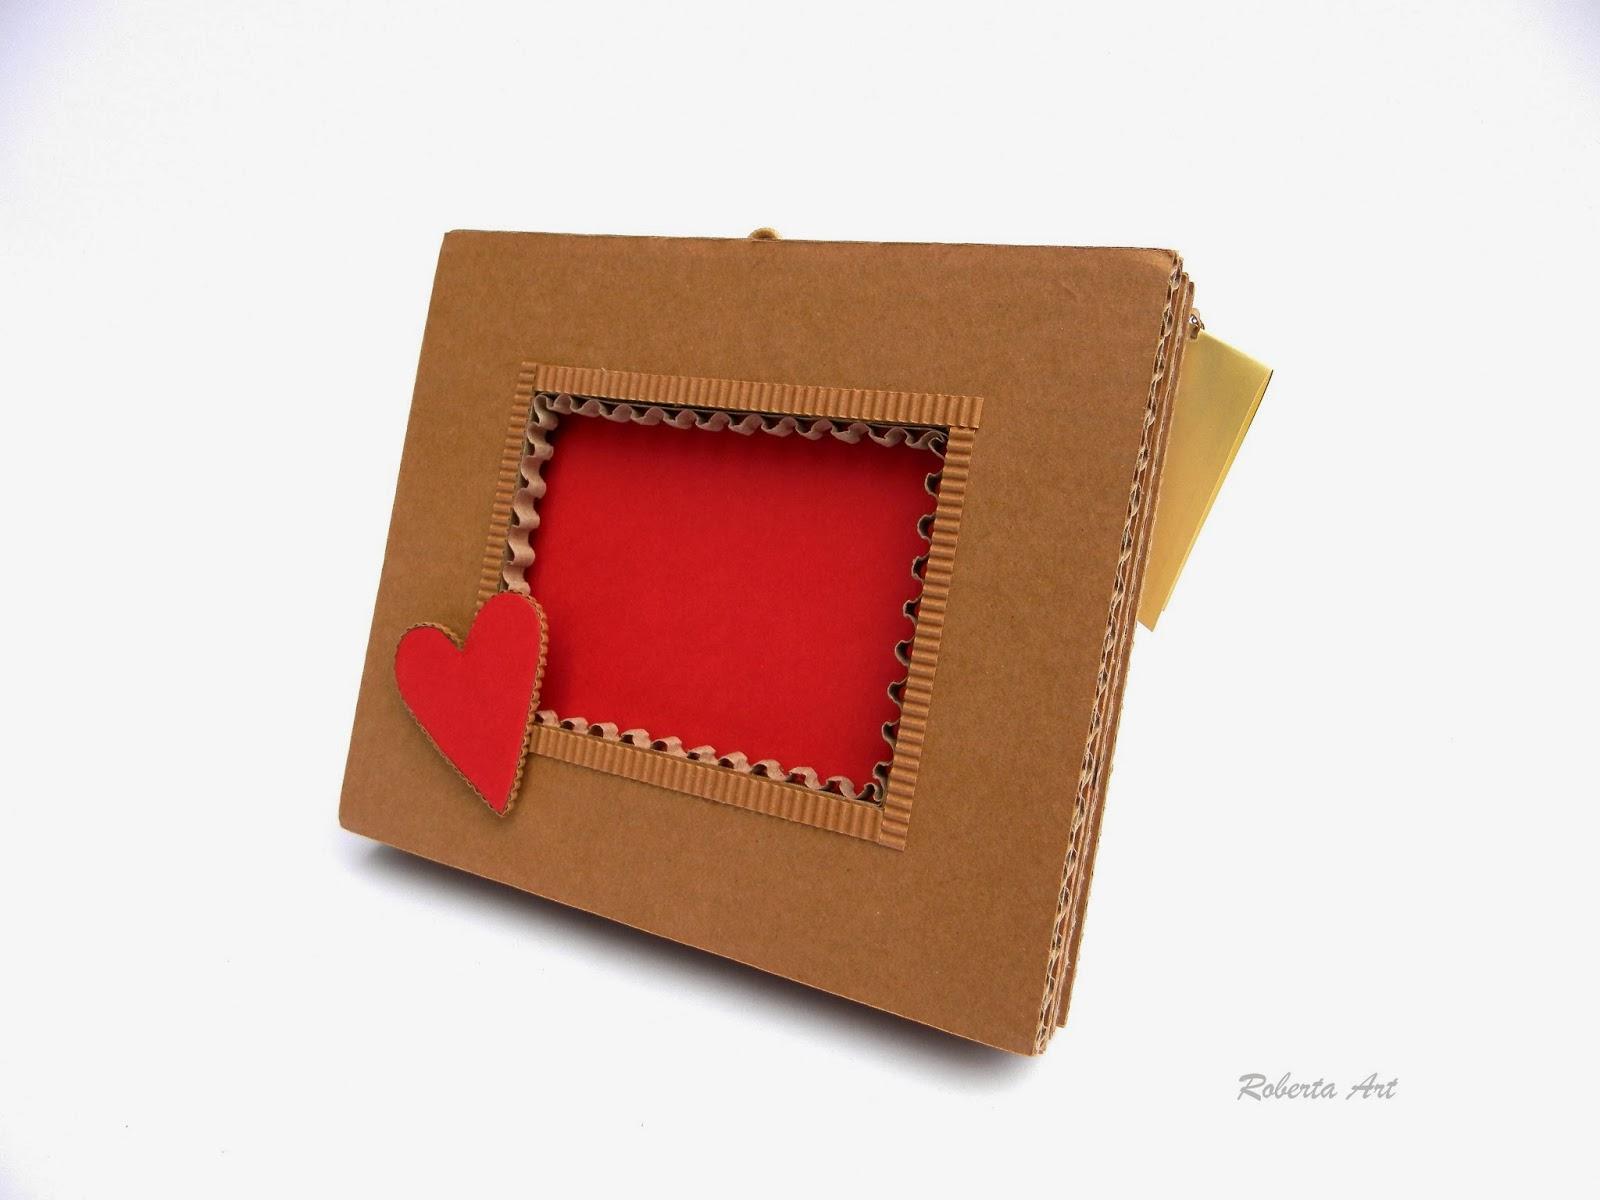 Roberta lazzarato portafoto cuore di cartone - Porta orecchini a libro ...